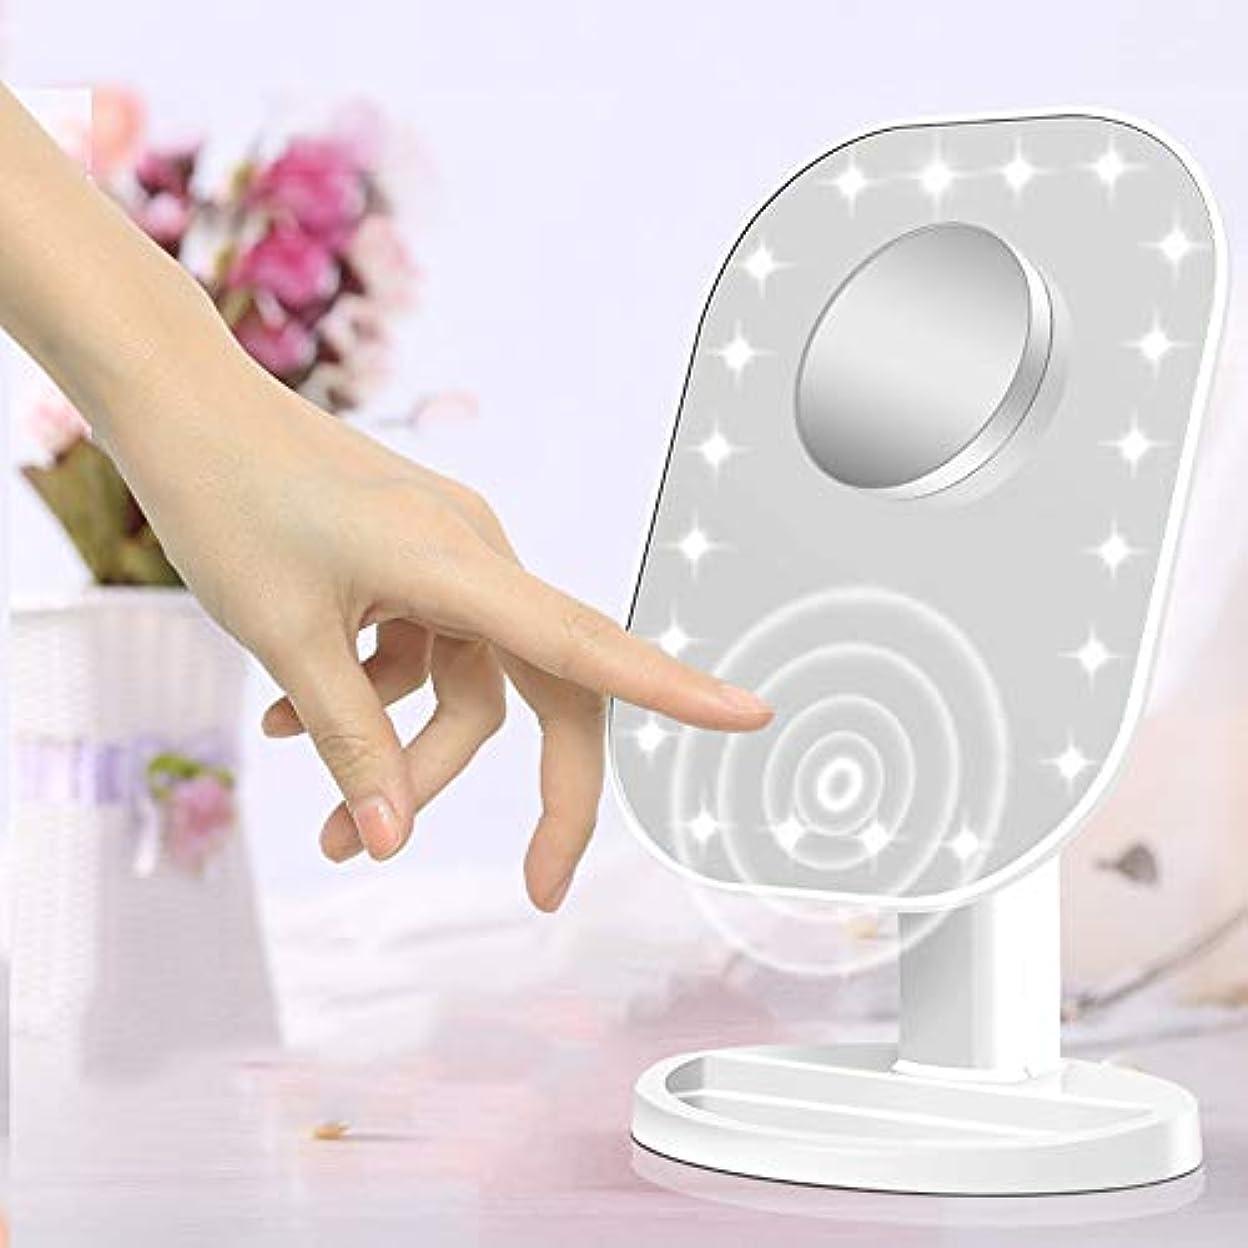 バウンド愛情深い批判的に流行の 新しいデスクトップクリエイティブタッチセンサーled化粧鏡10倍拡大美容化粧鏡フィルライト化粧鏡ピンクホワイト (色 : Pink)